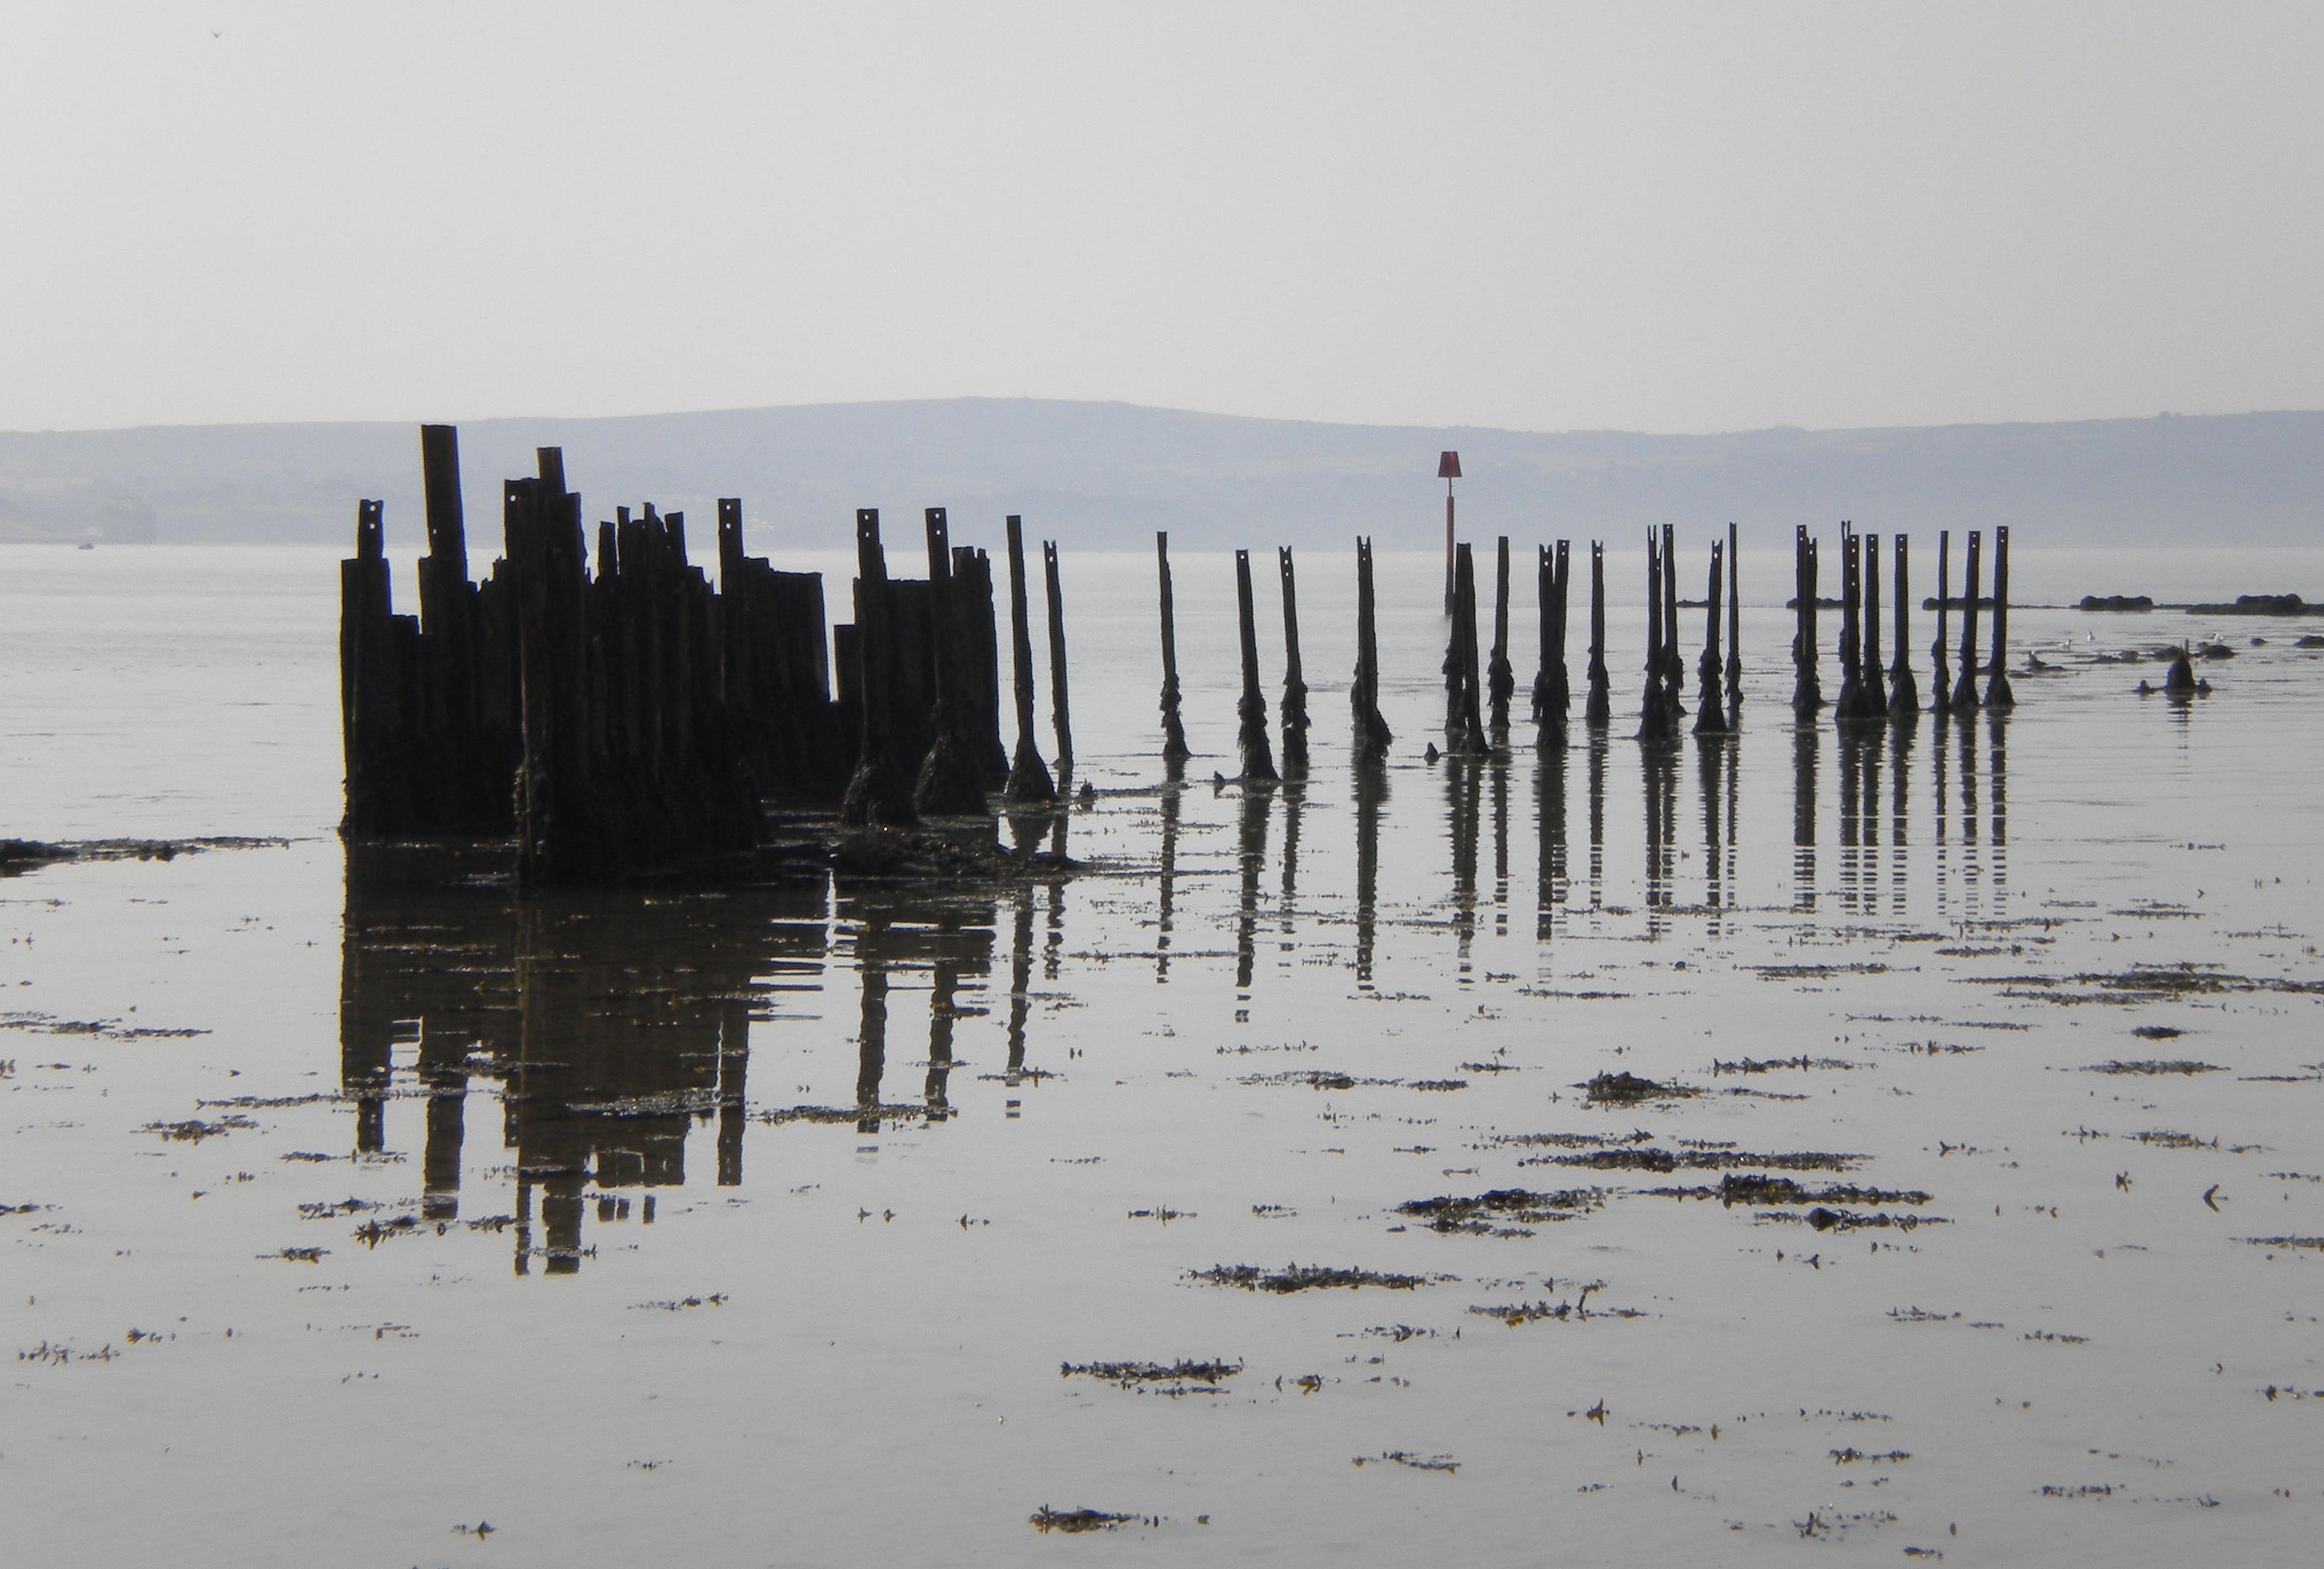 Lymington Salt marshes 2